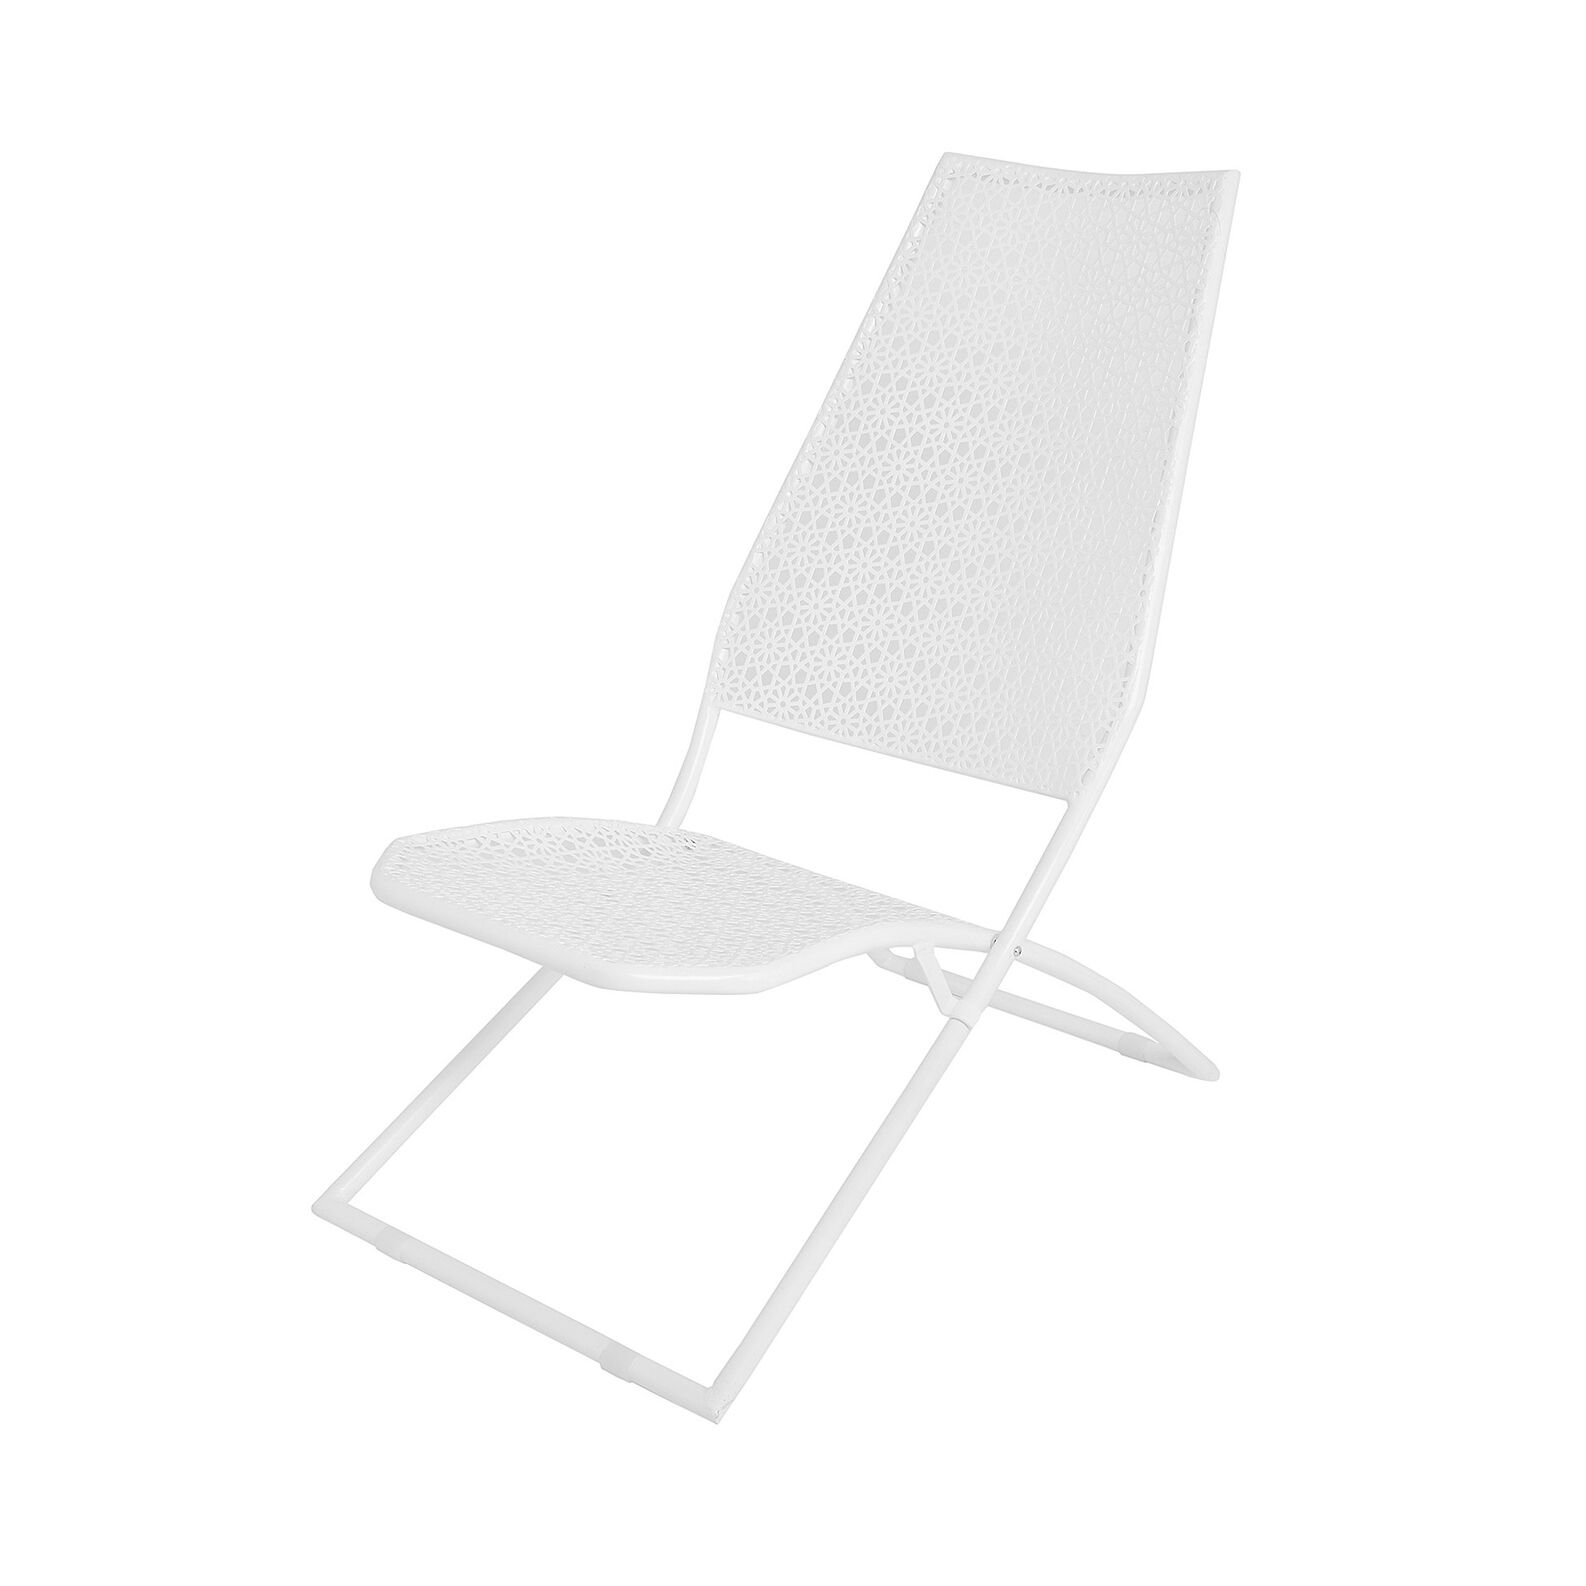 Bianca beach chair in steel